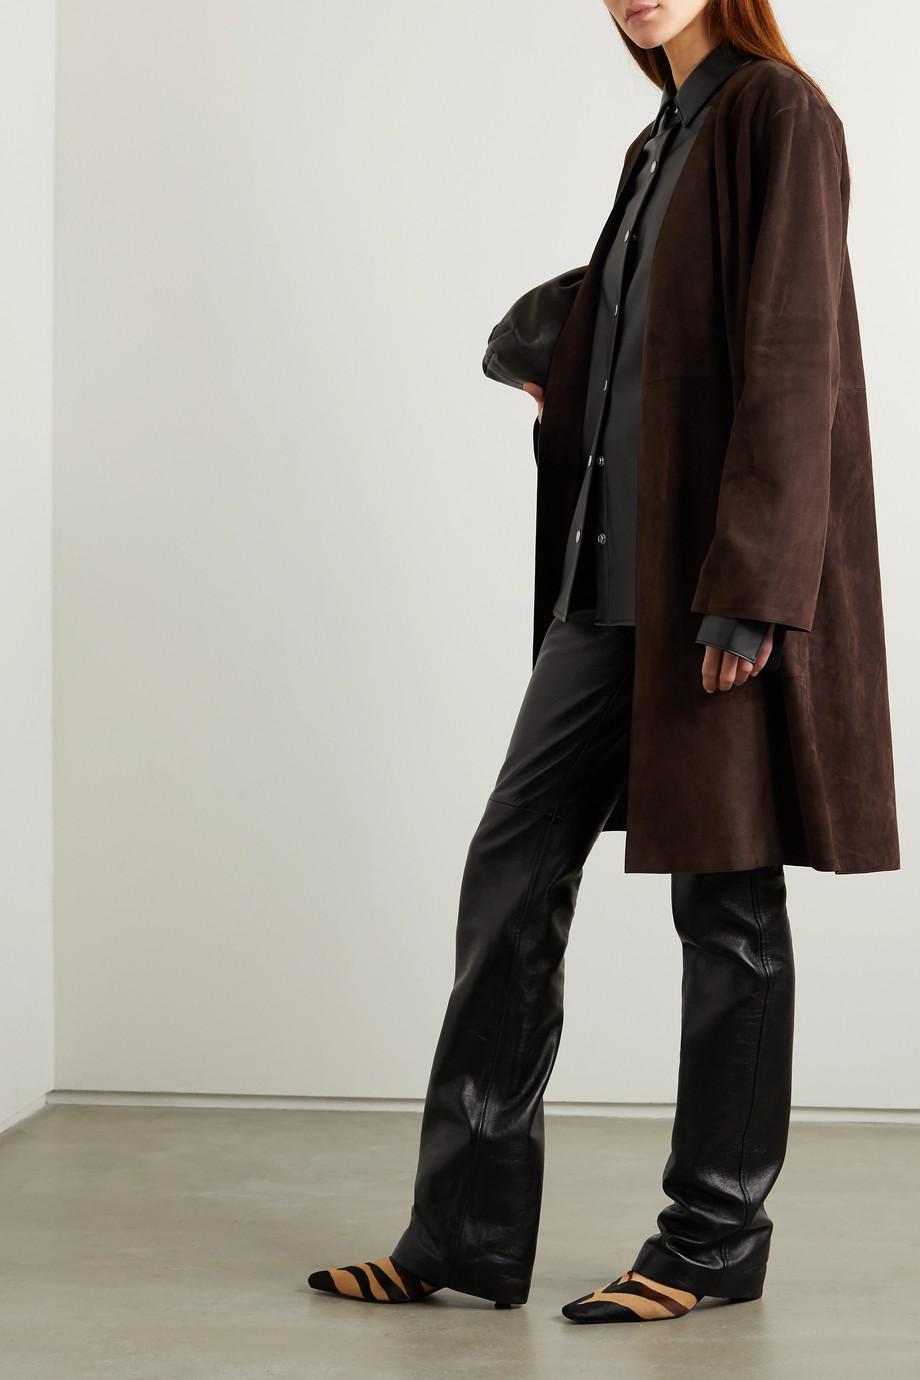 Loewe Belted suede coat